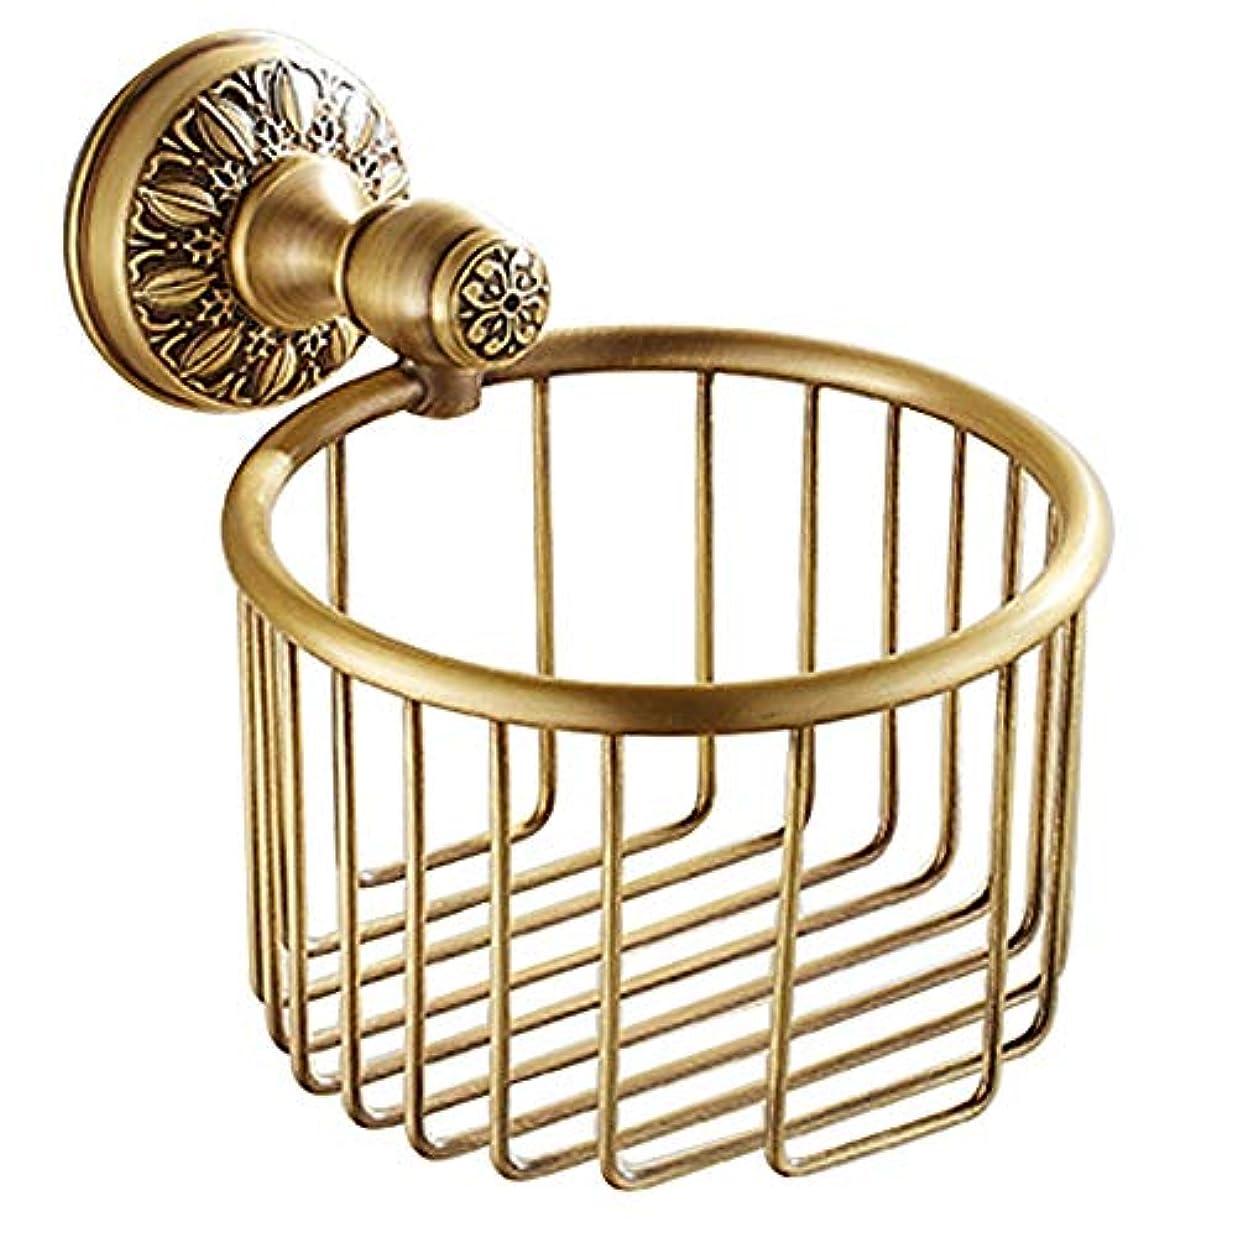 アルプスレンダー抜粋ZZLX 紙タオルホルダー、ヨーロッパスタイルのフル銅模倣アンティークバスルームトイレットペーパータオルホルダー ロングハンドル風呂ブラシ